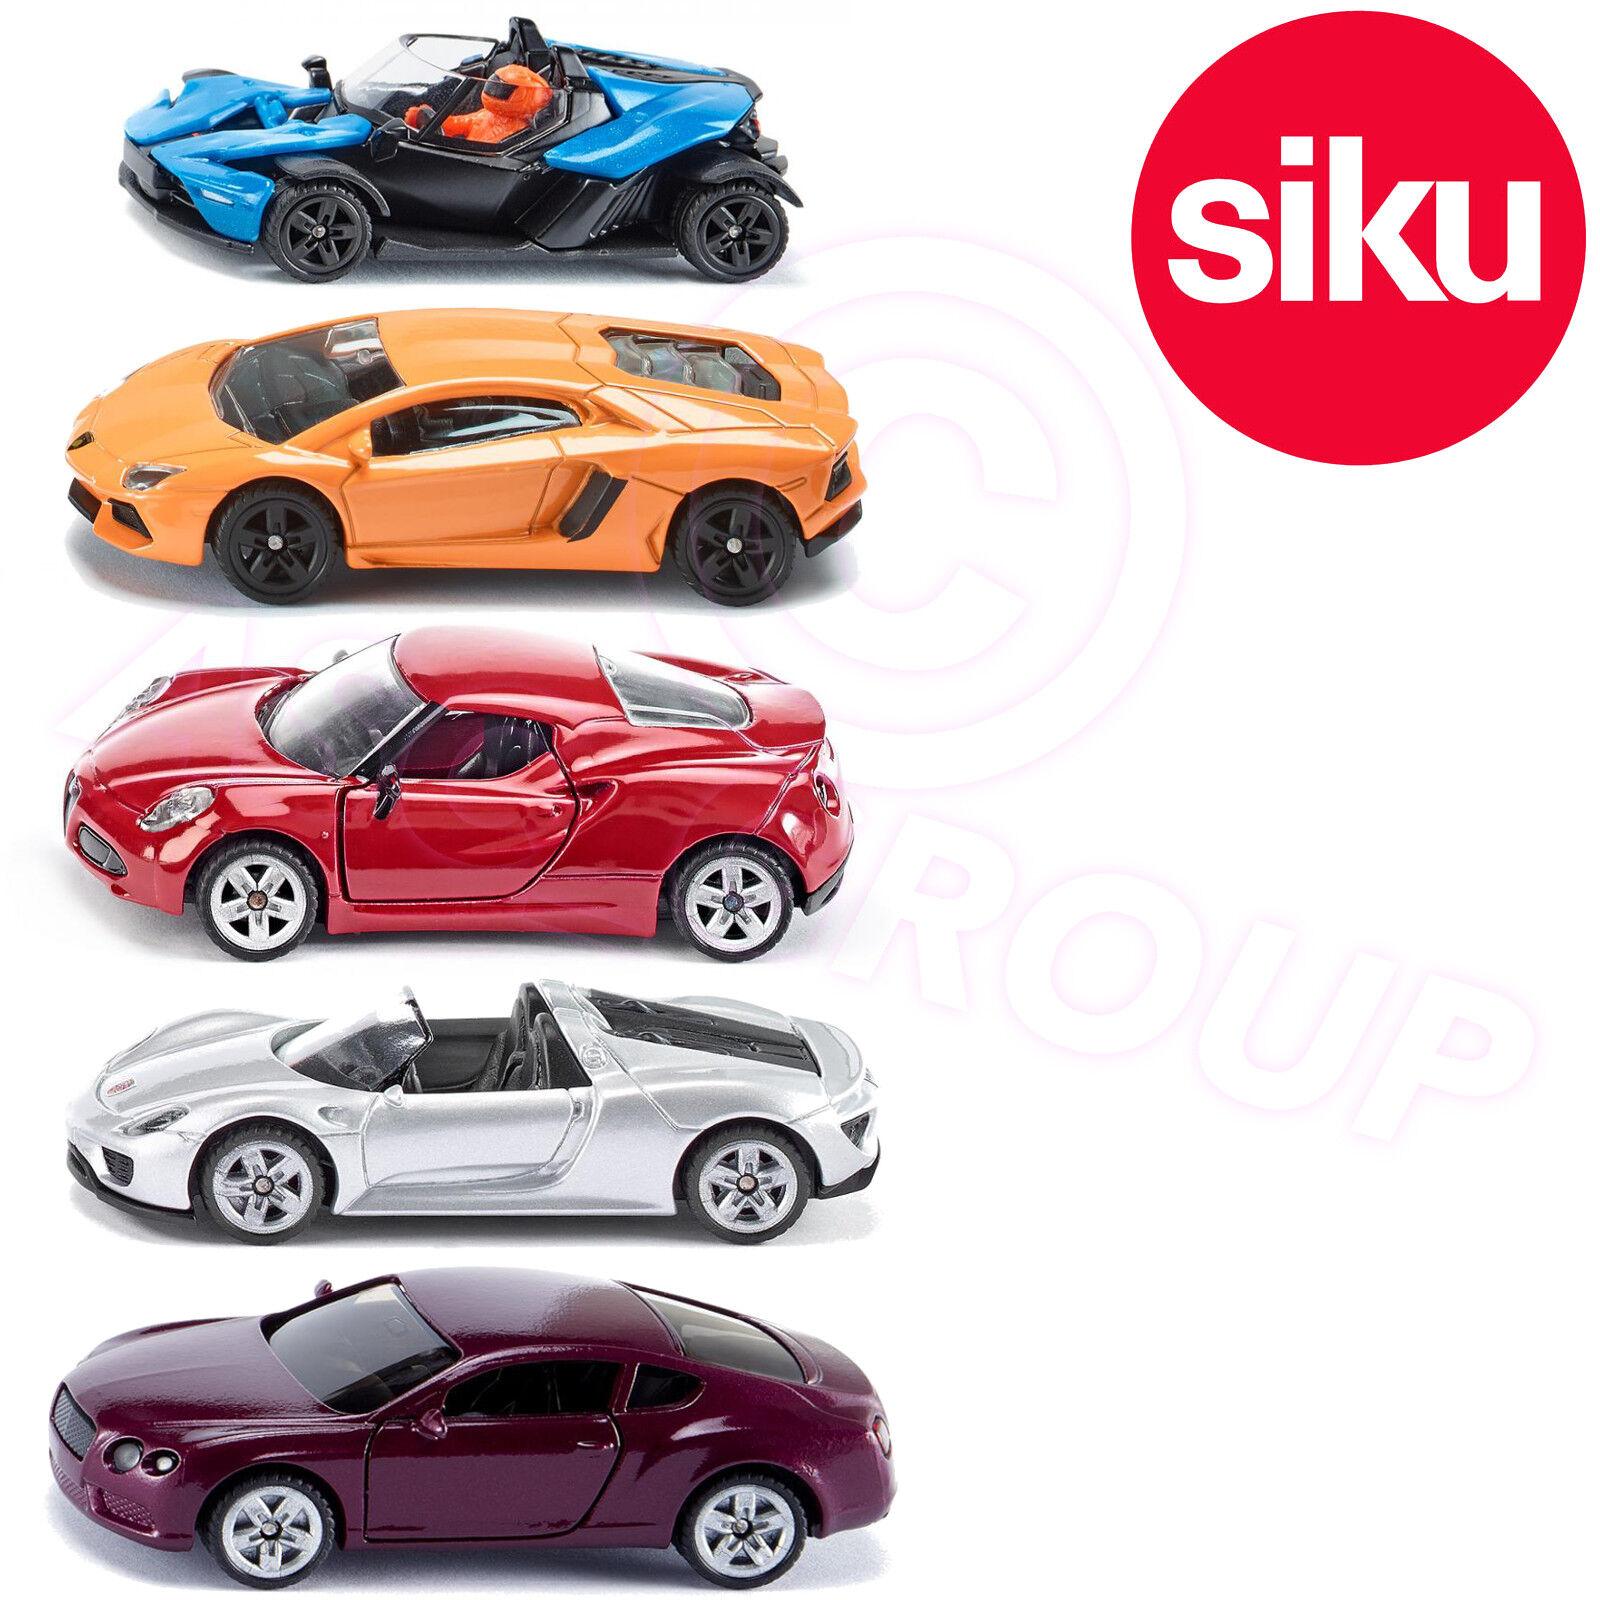 Siku Sportswagen Geschenkbox X Aventador 4c 918 Spinne Spinne Spinne Continental Gt 1 87 b9cffc